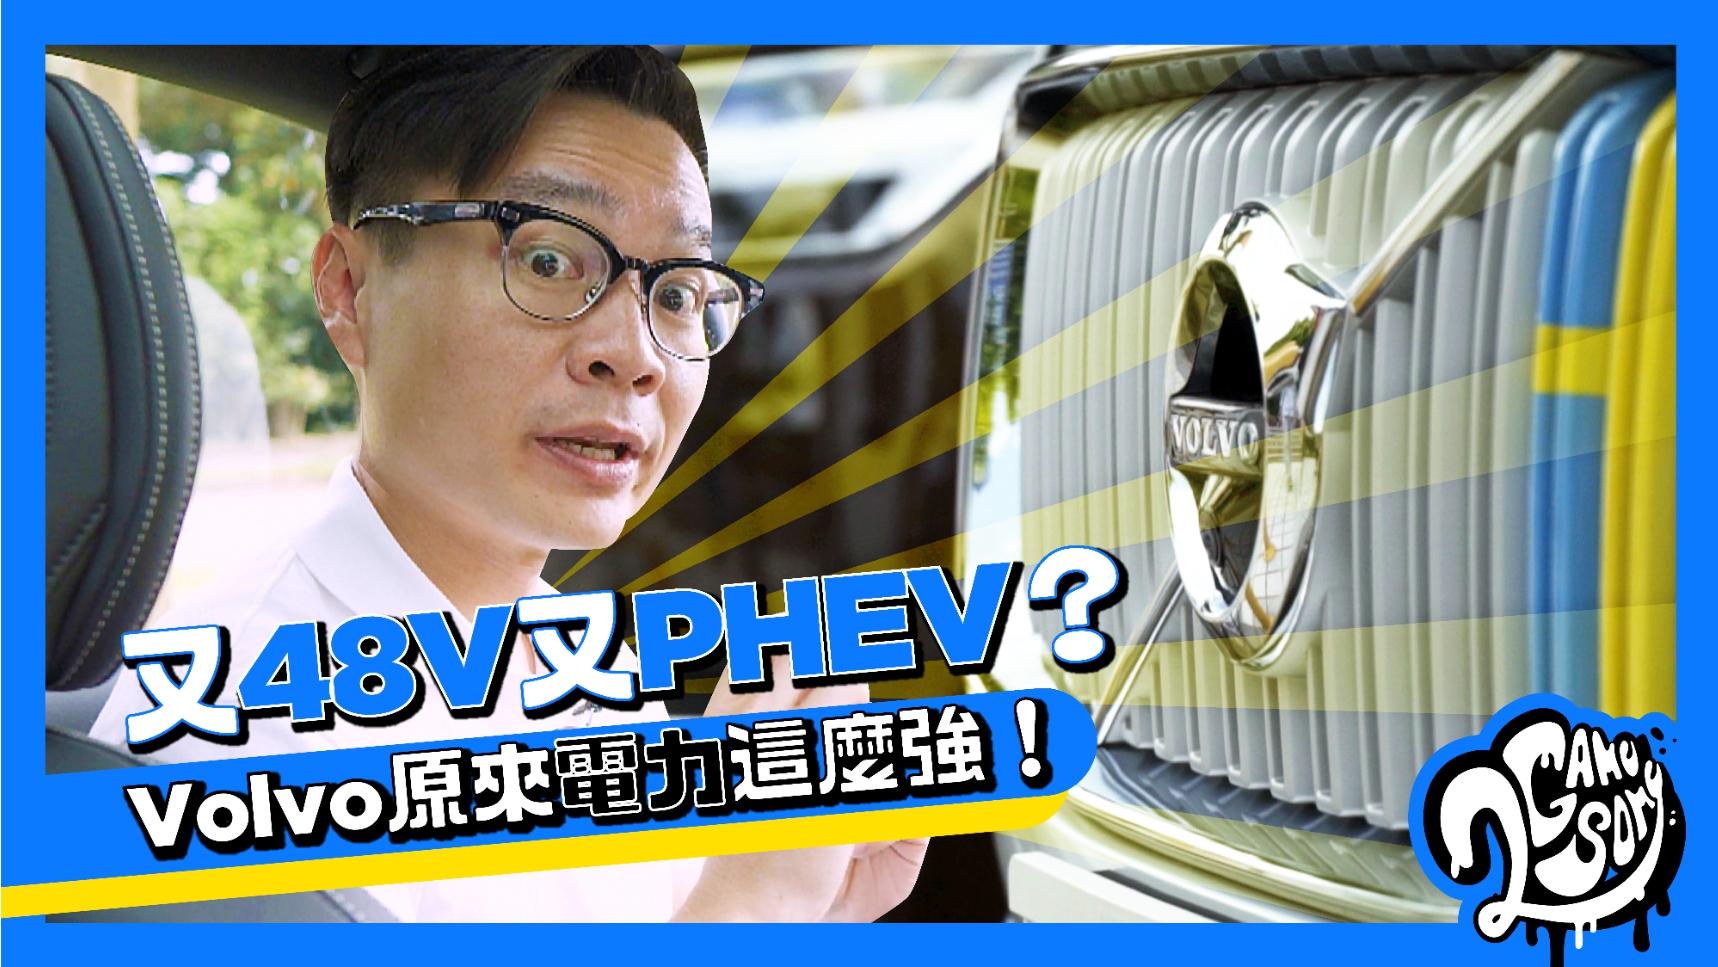 除了 PHEV 還有 48V?Volvo 原來「電力」這麼強!